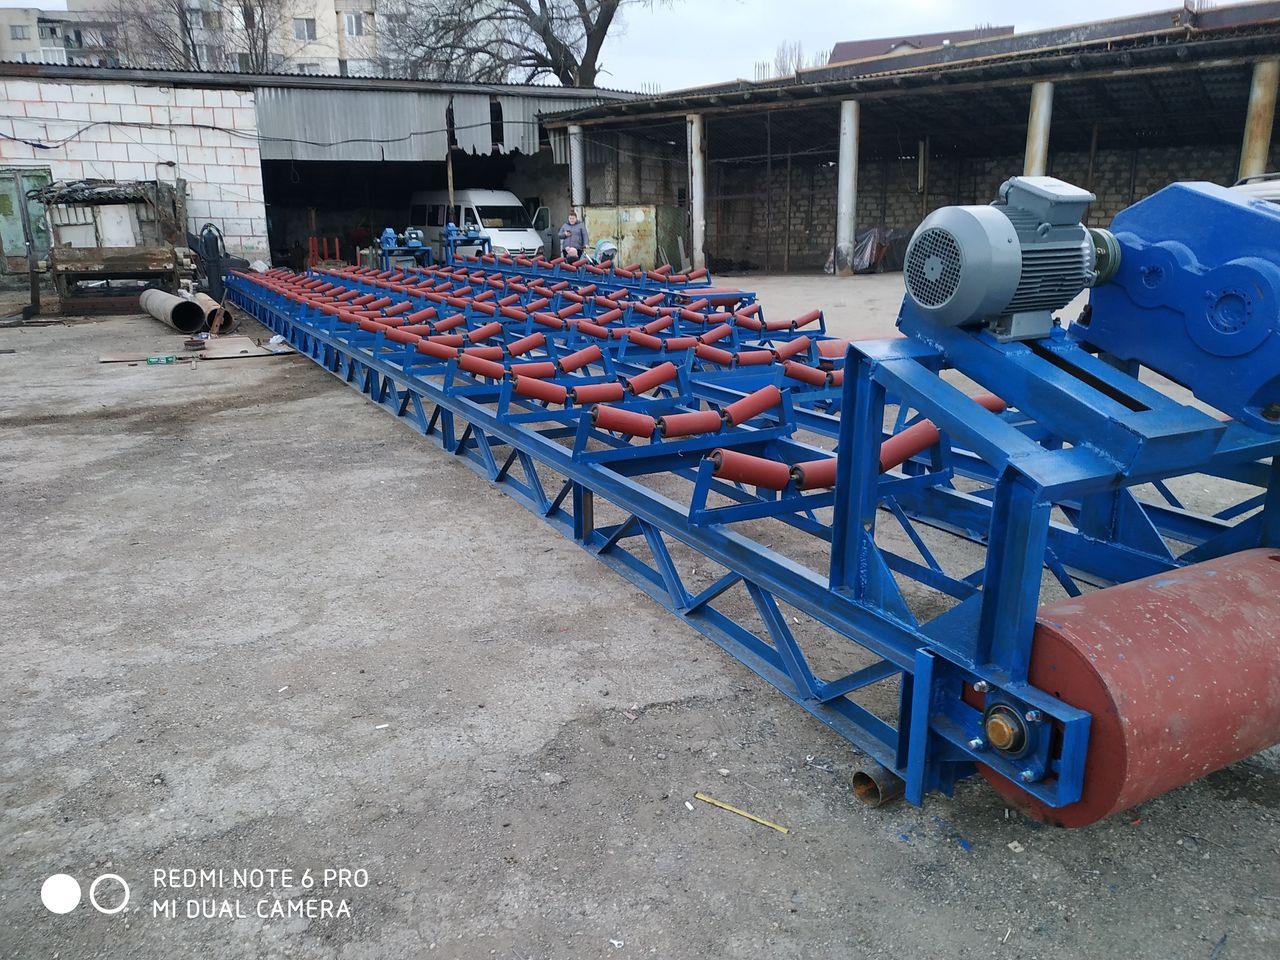 Дробилка транспортер конструкция тягового органа конвейера